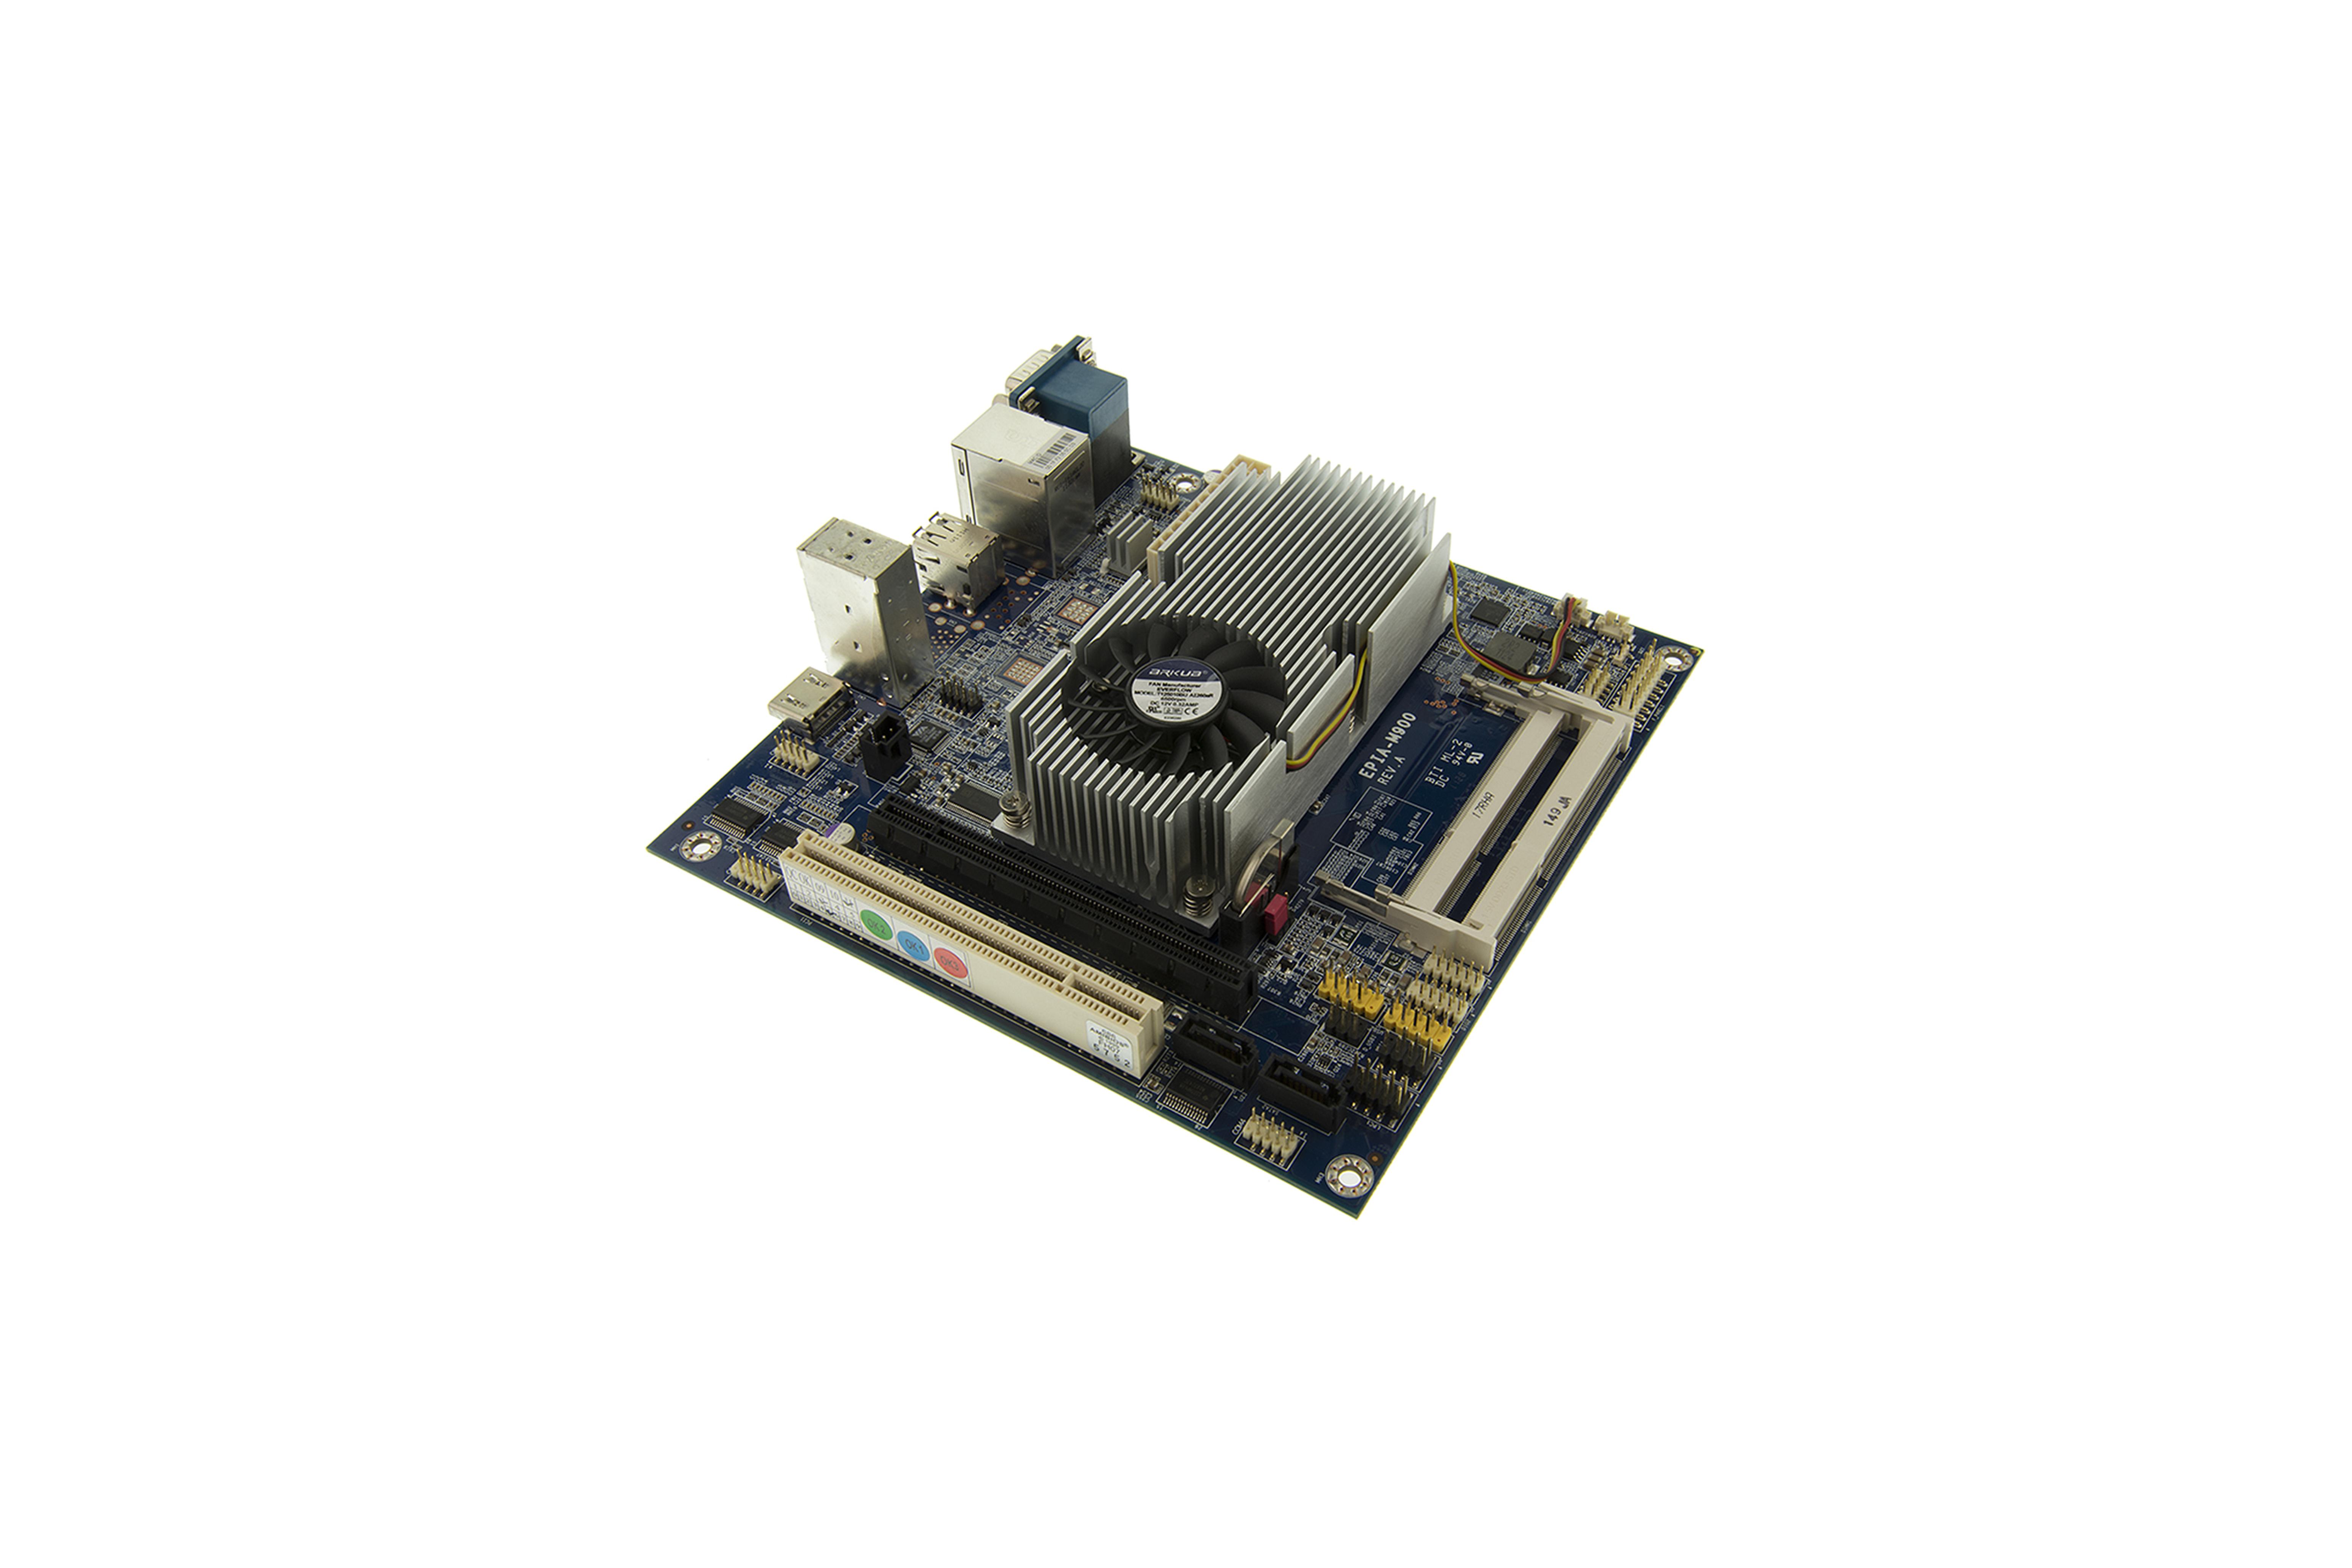 MINI-ITX 1,6 GHz VIANANO X2 DUALCORE HD